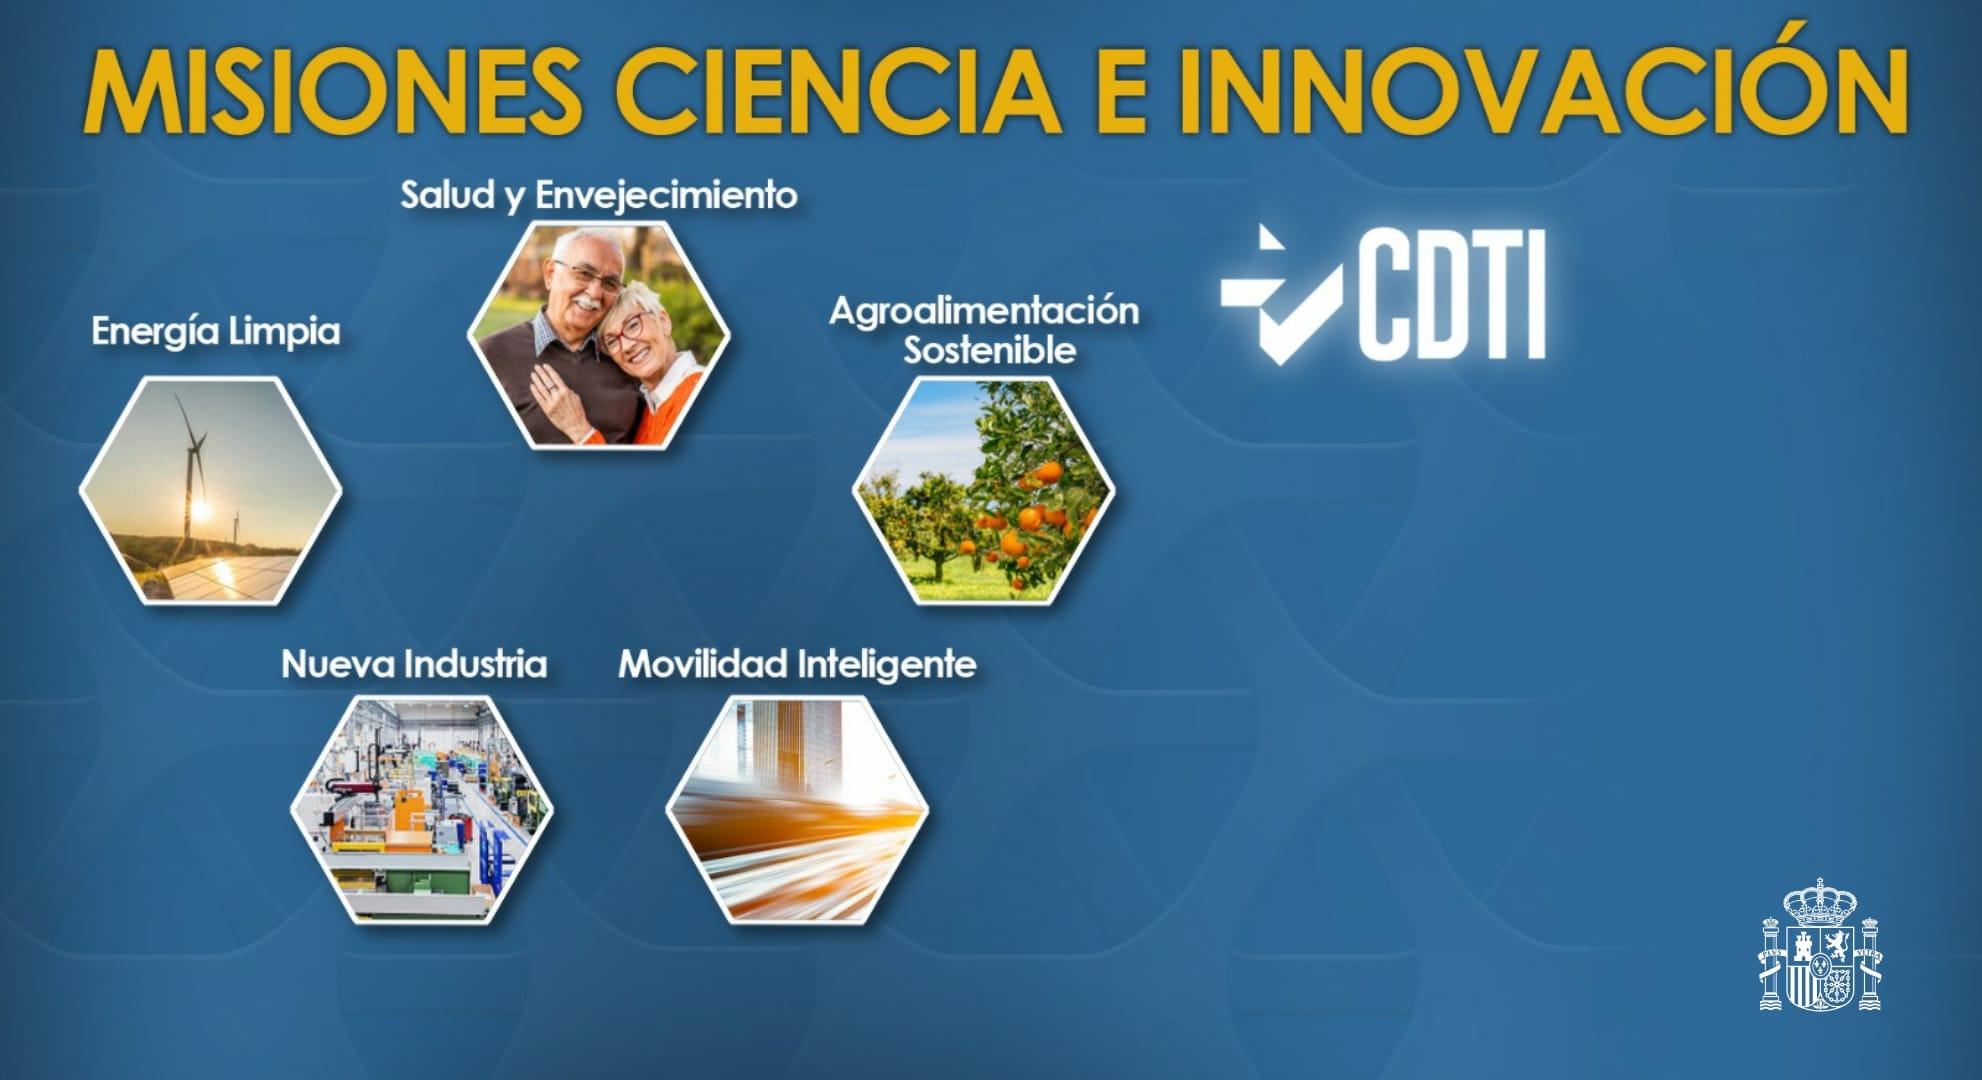 Misiones de Ciencia e Innovación